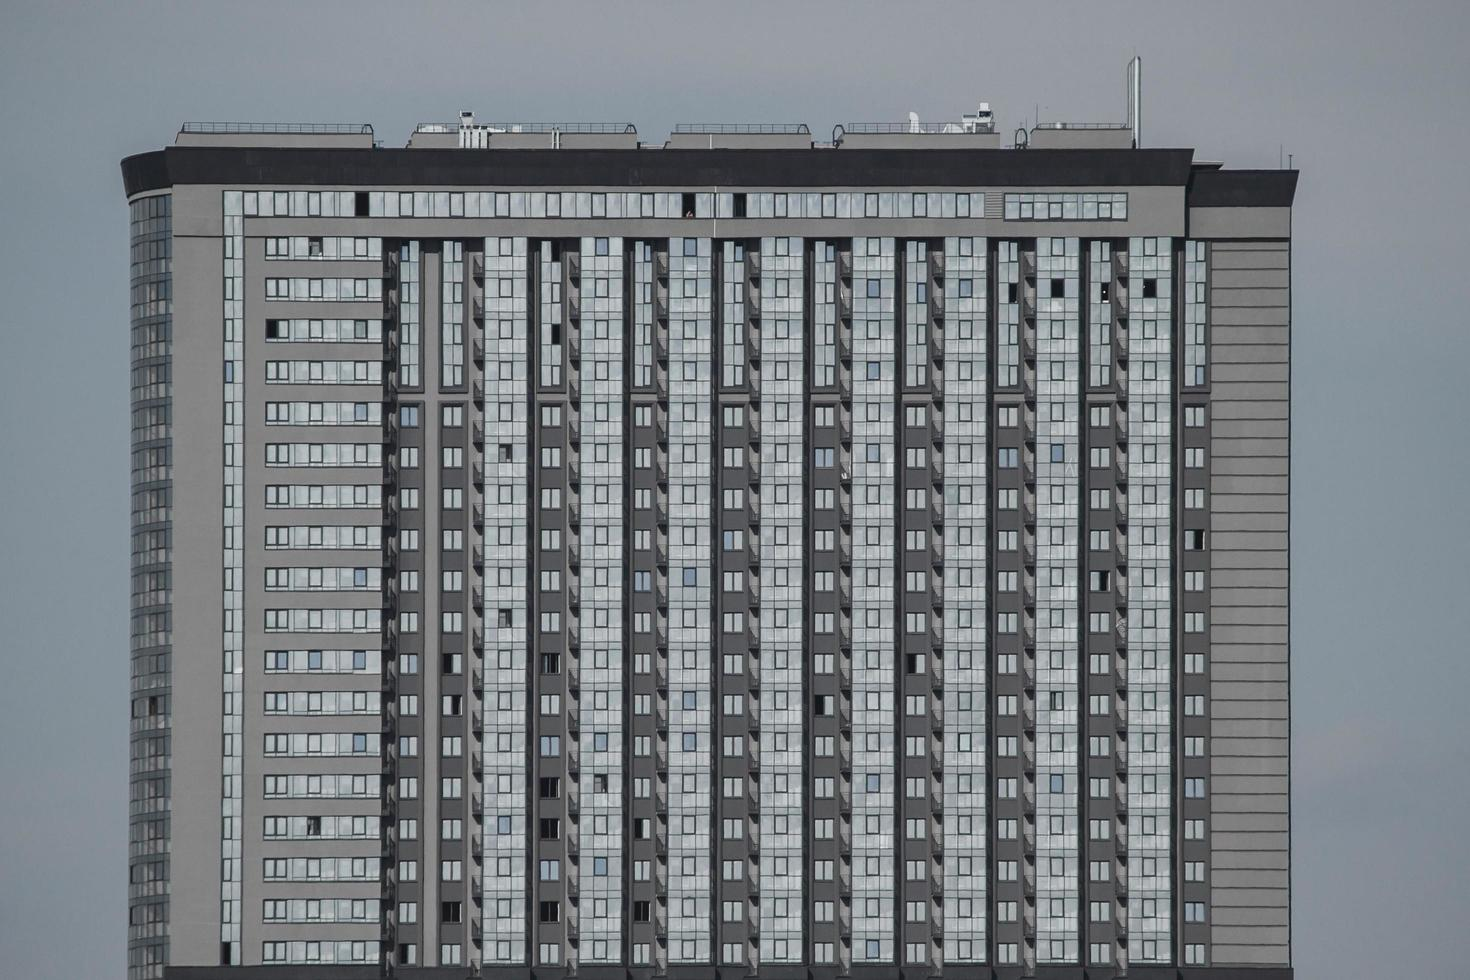 fasad av en kontorsbyggnad. foto